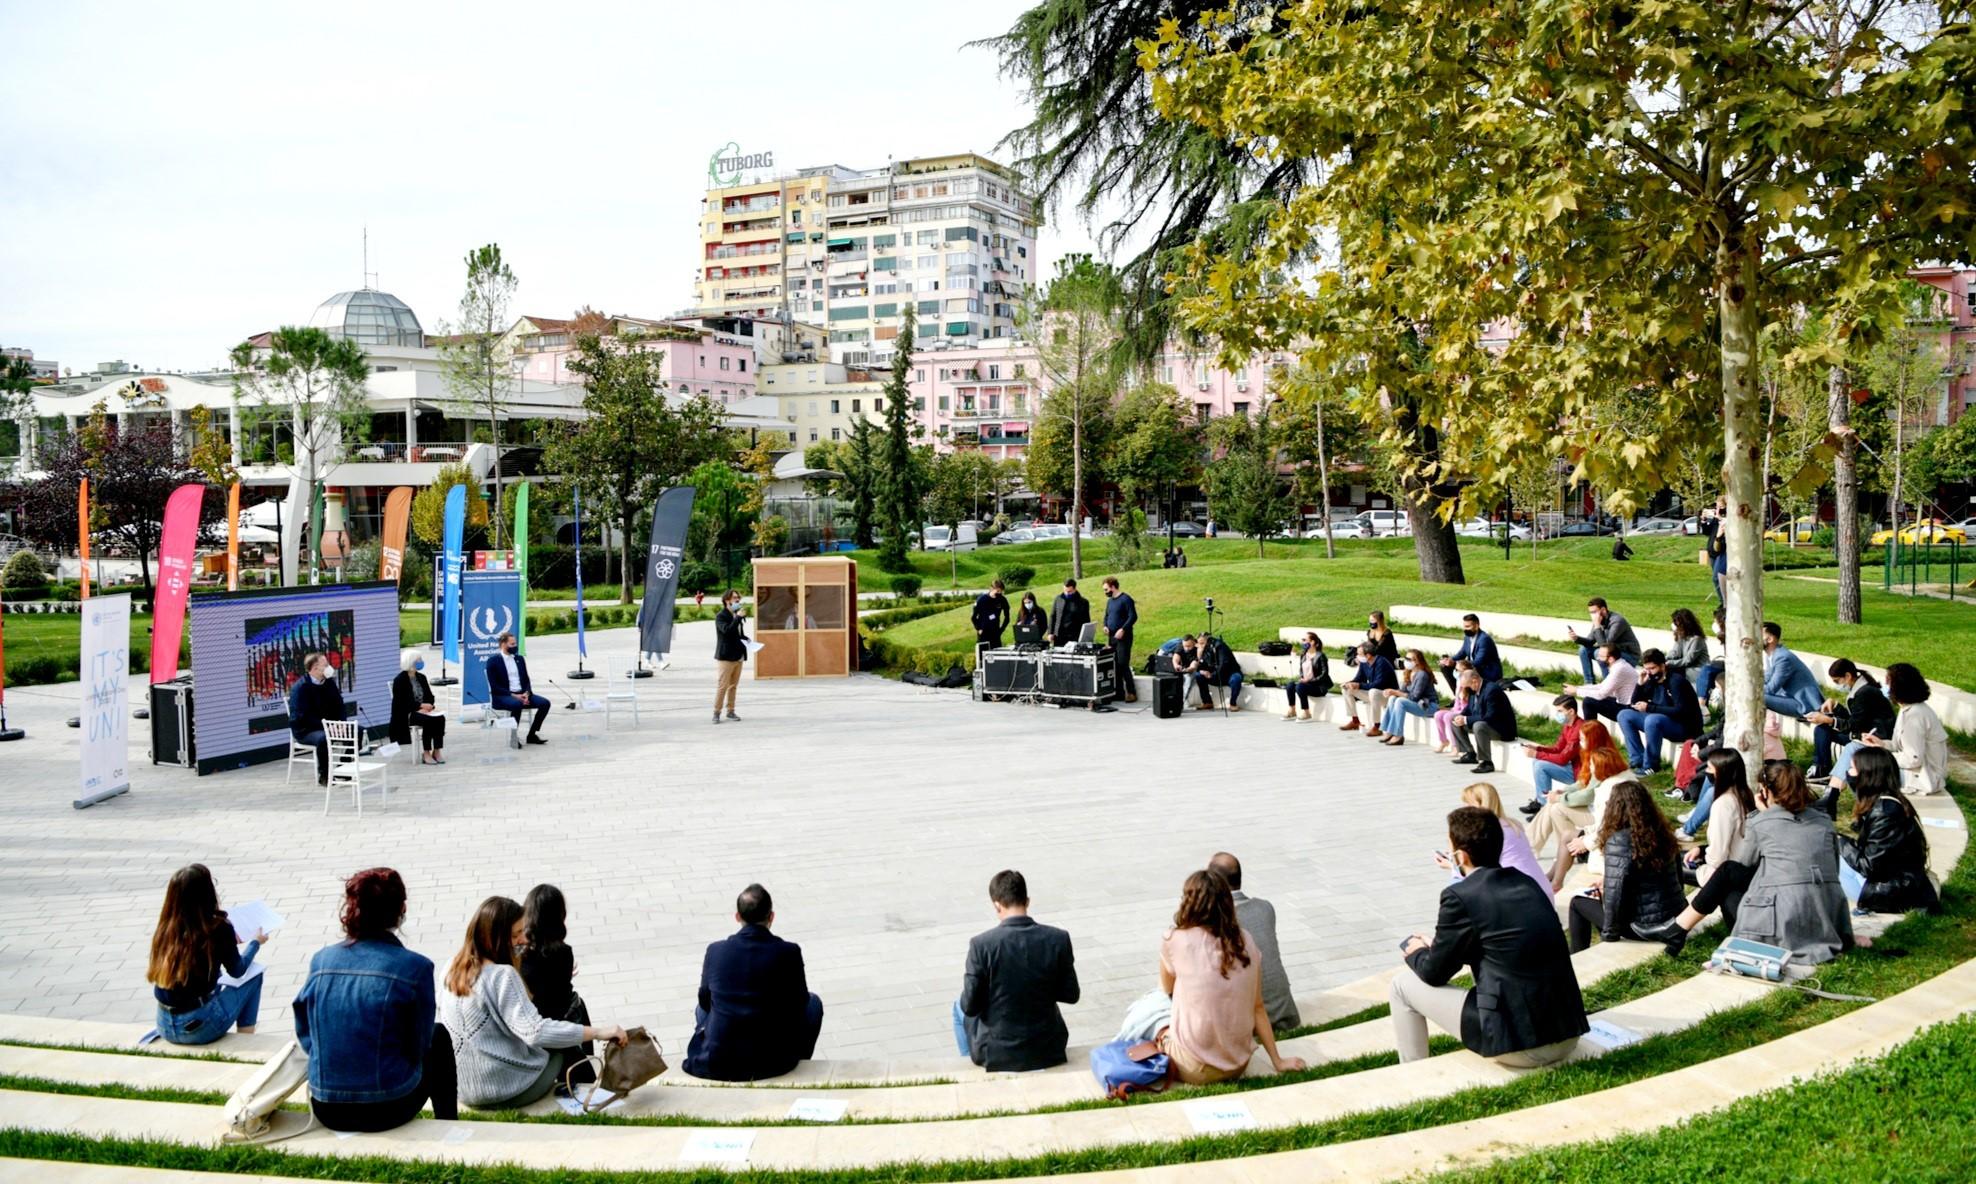 'It's My UN': Commemorating UN's 75th anniversary in Albania